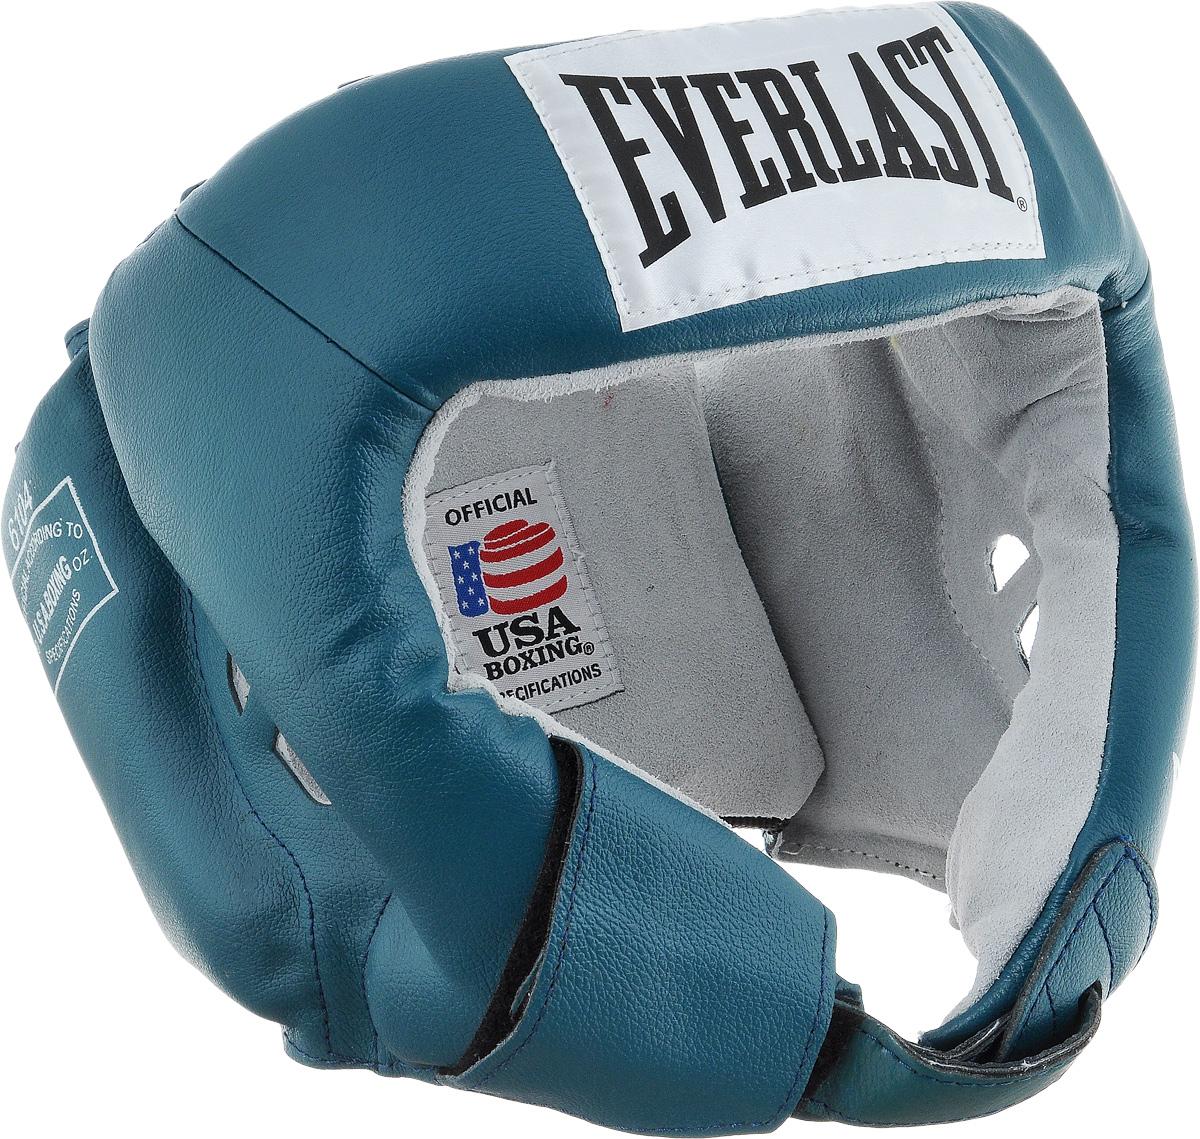 Шлем боксерский Everlast USA Boxing, цвет: бирюзовый, белый. Размер L610406UEverlast USA Boxing - боксерский шлем, разработанный для выступления на любительских соревнованиях и одобренный ассоциацией USA Boxing. Плотный четырехслойный пенный наполнитель превосходно амортизирует удары и значительно снижает риск травмы. Качественная натуральная кожа (снаружи) и не менее качественная замша (внутри) обеспечивают значительный запас прочности и отличную износоустойчивость. Подгонка под необходимый размер и фиксация на голове происходят за счет затягивающихся шнурков. Если вы еще ищите шлем для предстоящих соревнований, то Everlast USA Boxing - это ваш выбор! Диаметр головы: 18 см.